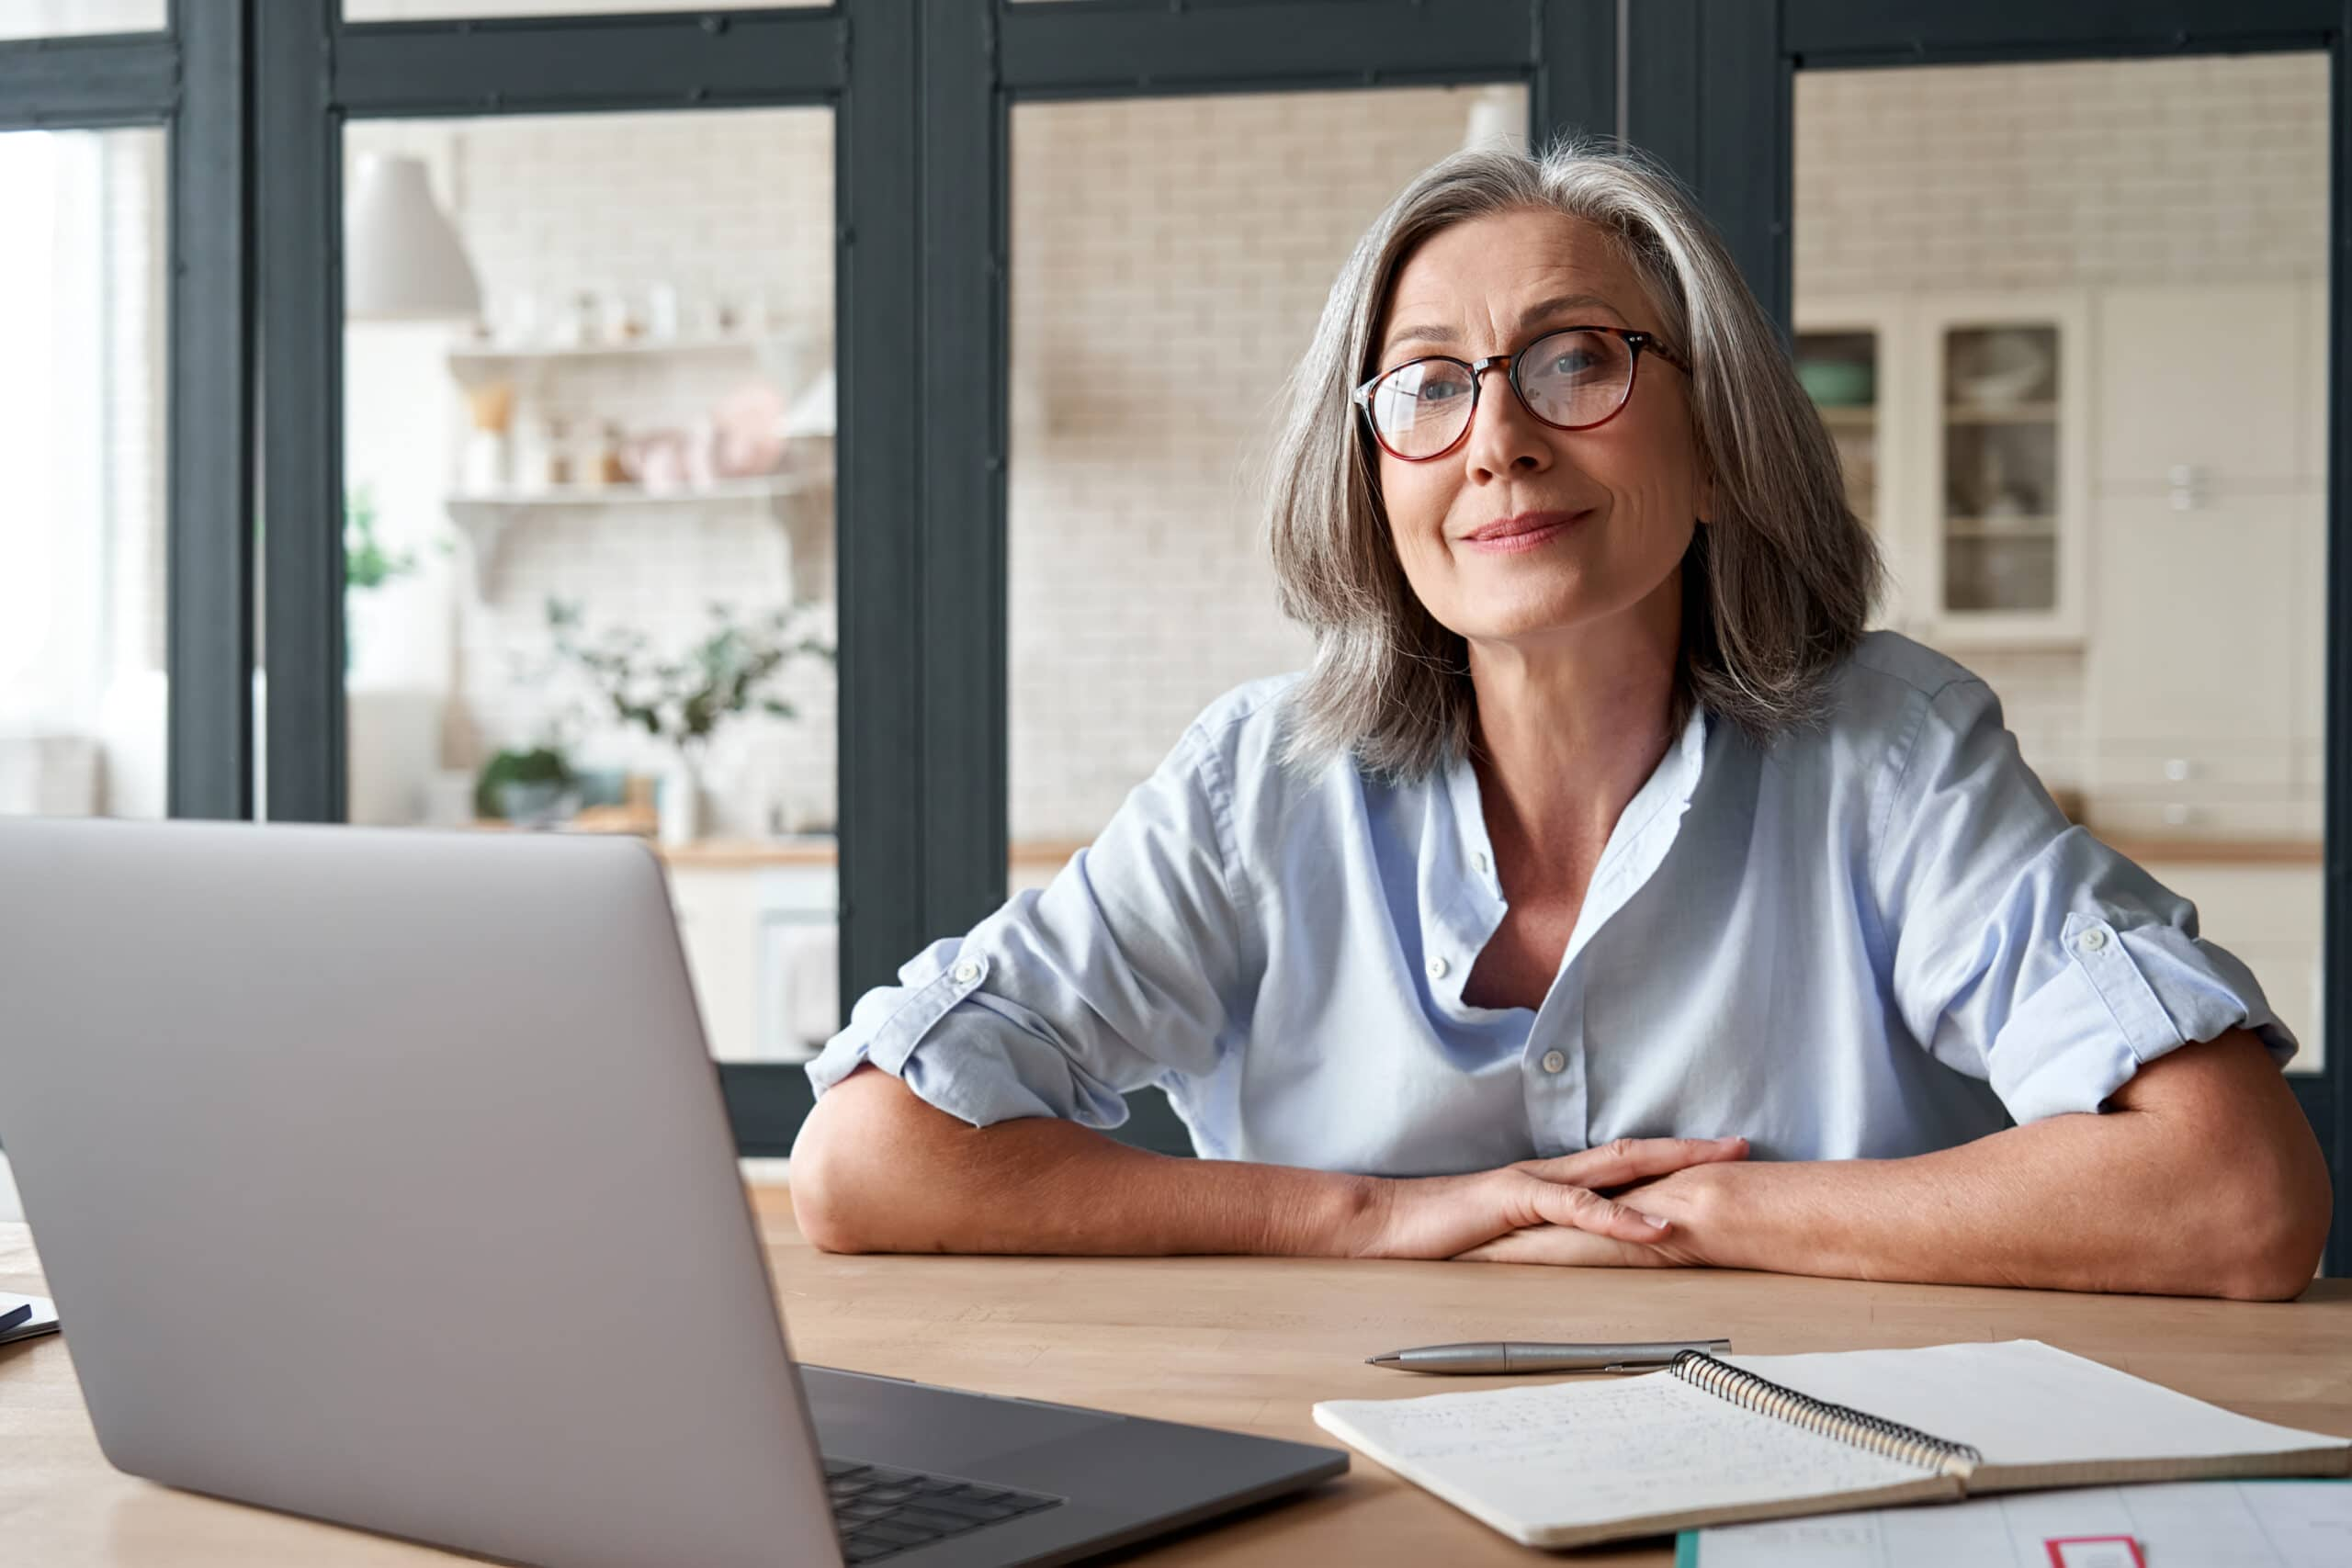 Yrityksen perustaminen eläkkeellä. Eläkeikäinen asiantuntija tietokoneen ääressä.